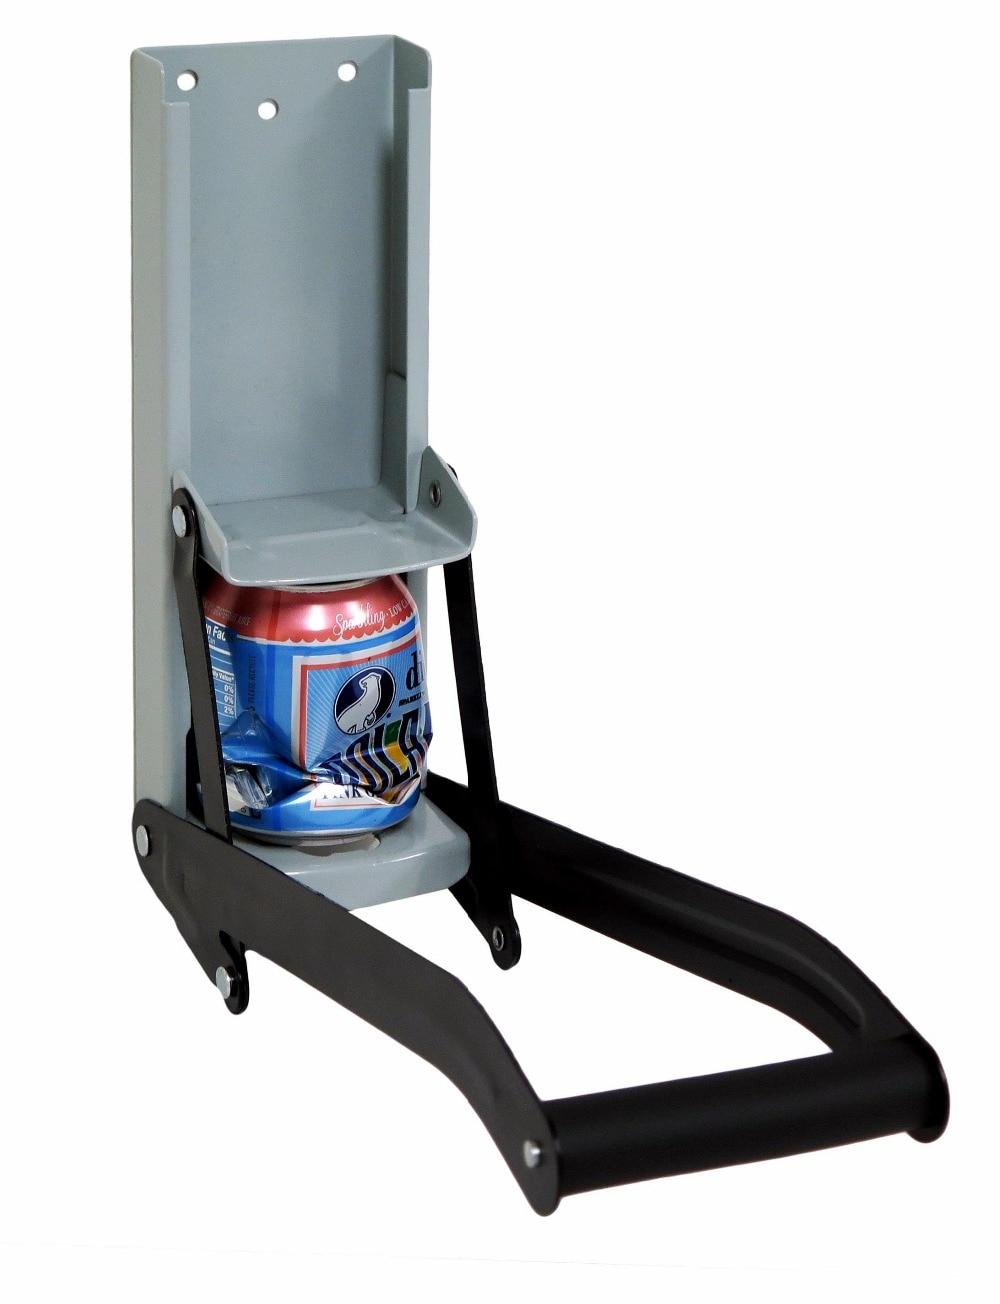 Envío gratuito montado en la pared 500 ml Tipo de servicio pesado de - Juegos de herramientas - foto 4